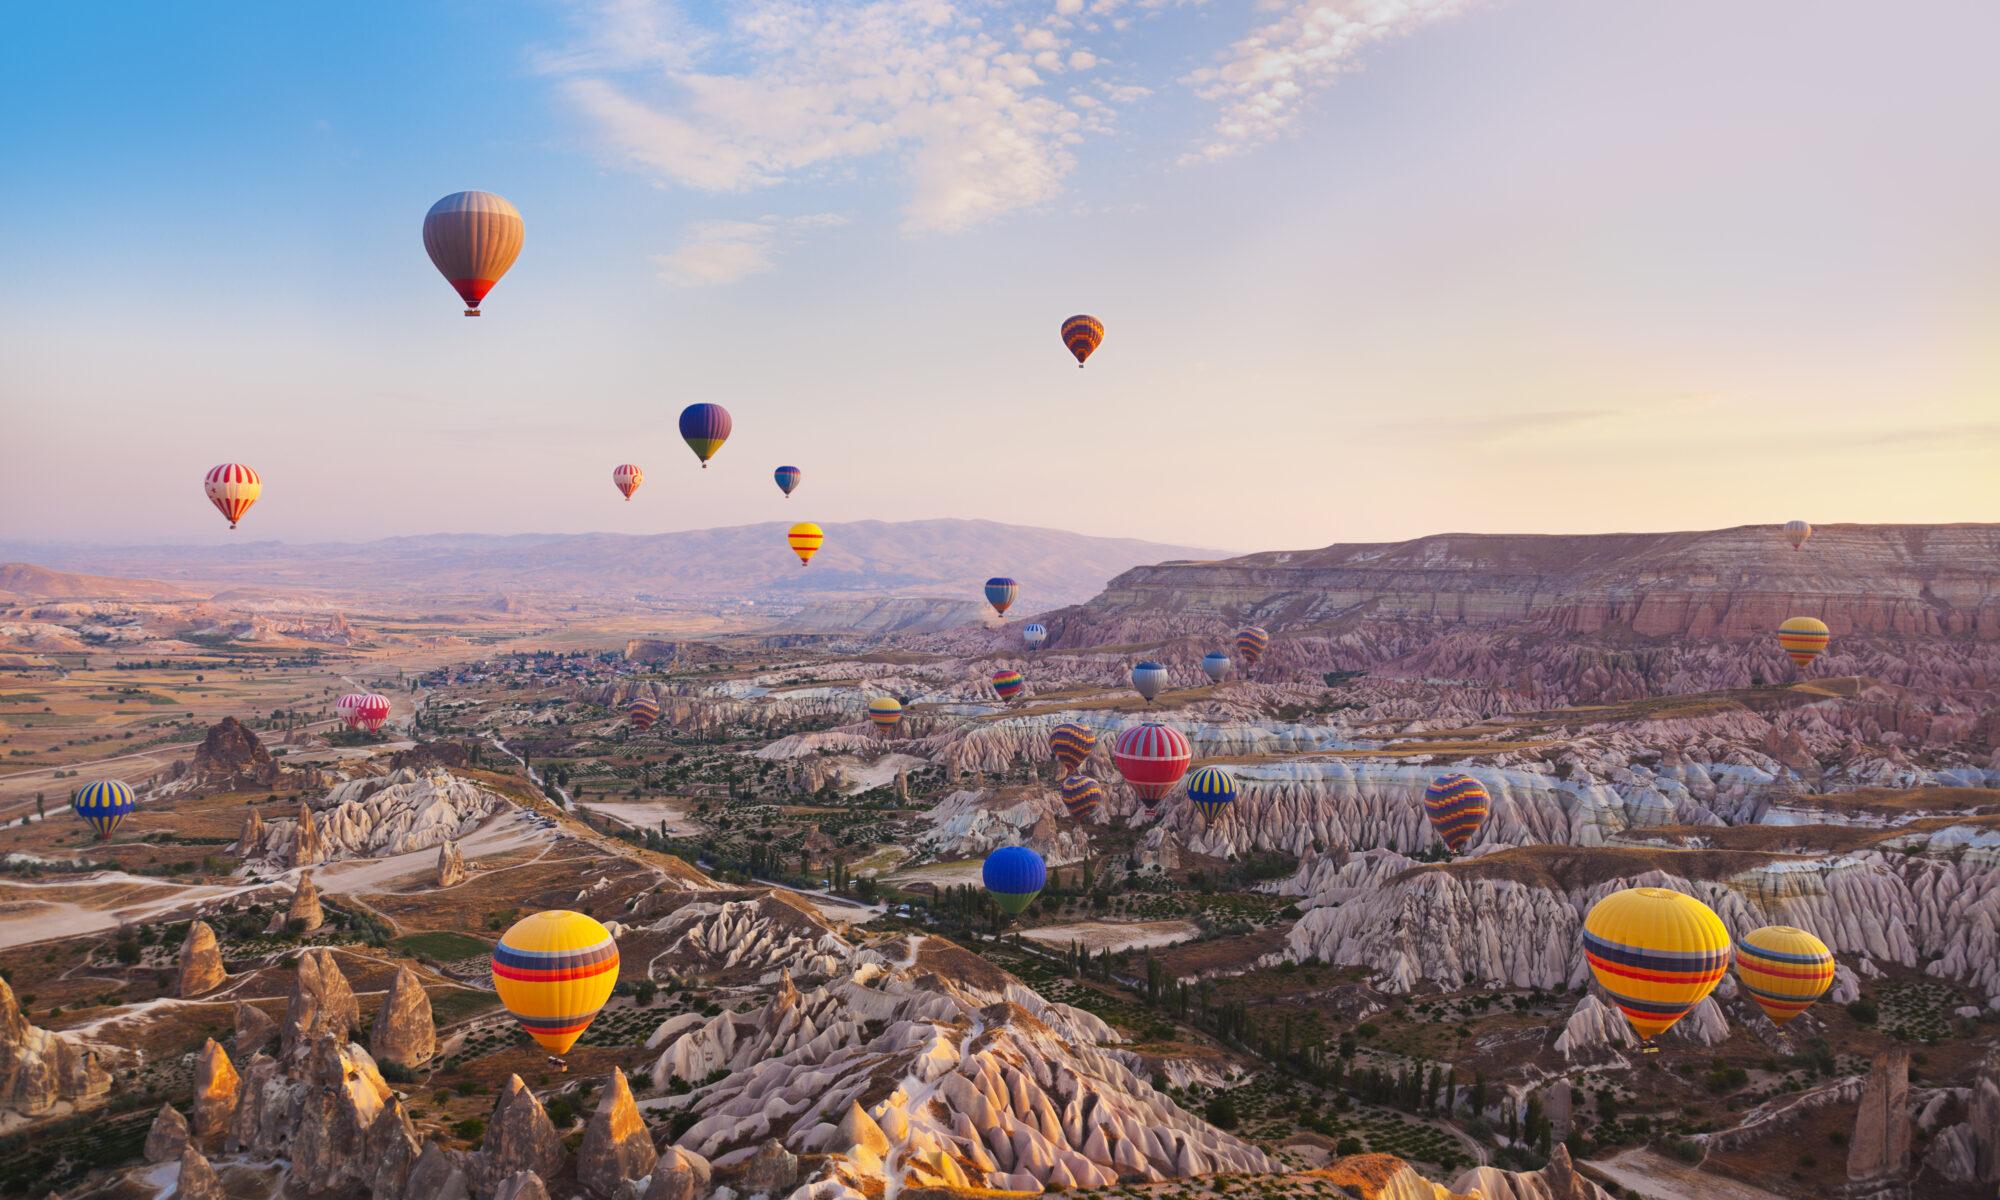 Luchtballonnen boven het landschap van Cappadocië in Turkije